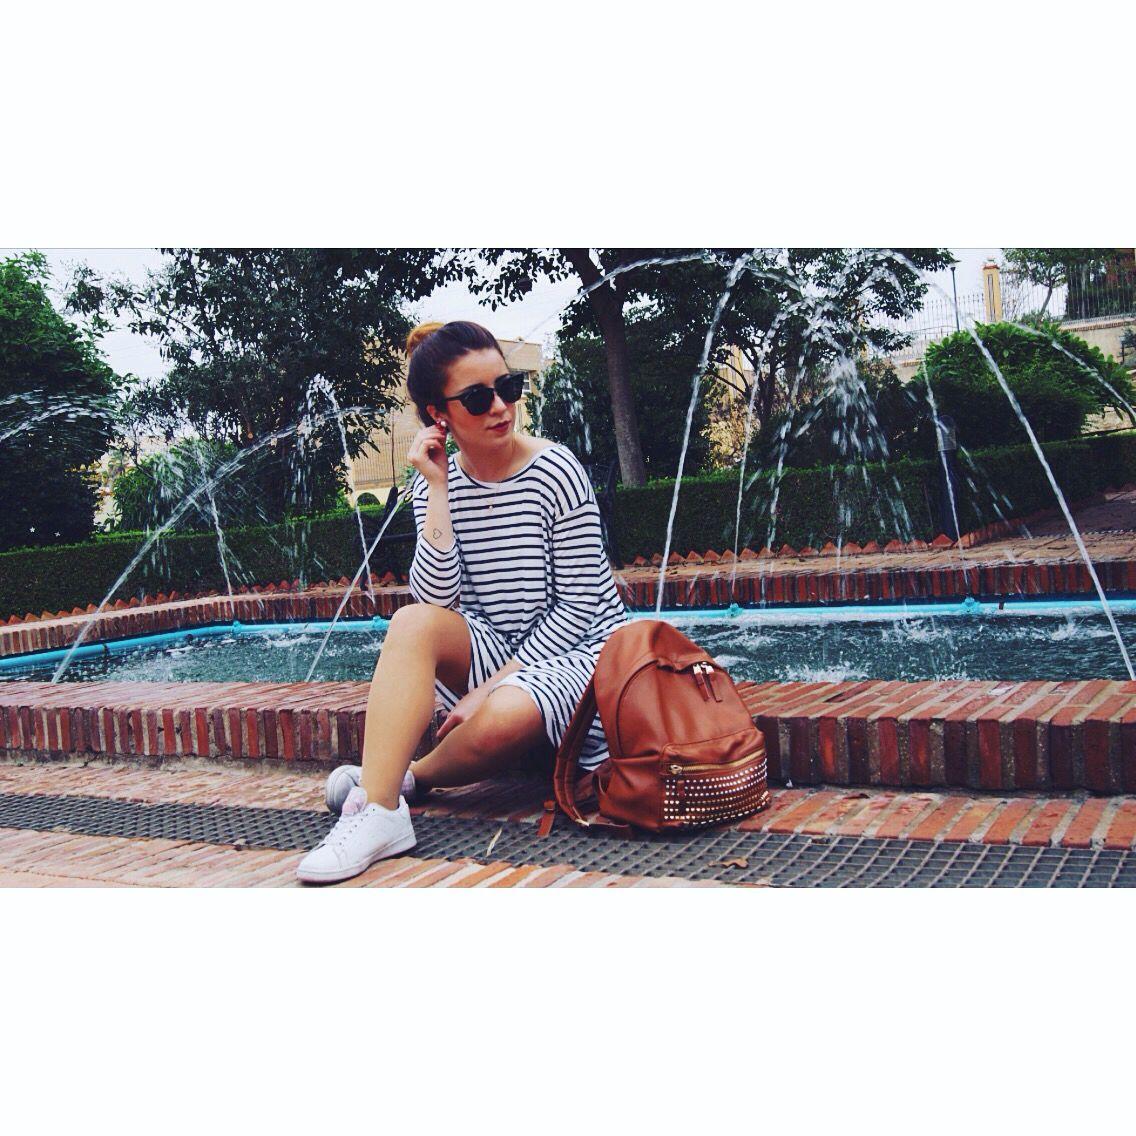 HAWKERS MOLA!  Un post con bastante aire universitario.  Una película de estreno y mucho más. Te espero en el blog. Link in bio   Feliz Viernes!  #blog #blogger #hawkers #hawkersco #university #fashion #trend #stilissmo #top #friday